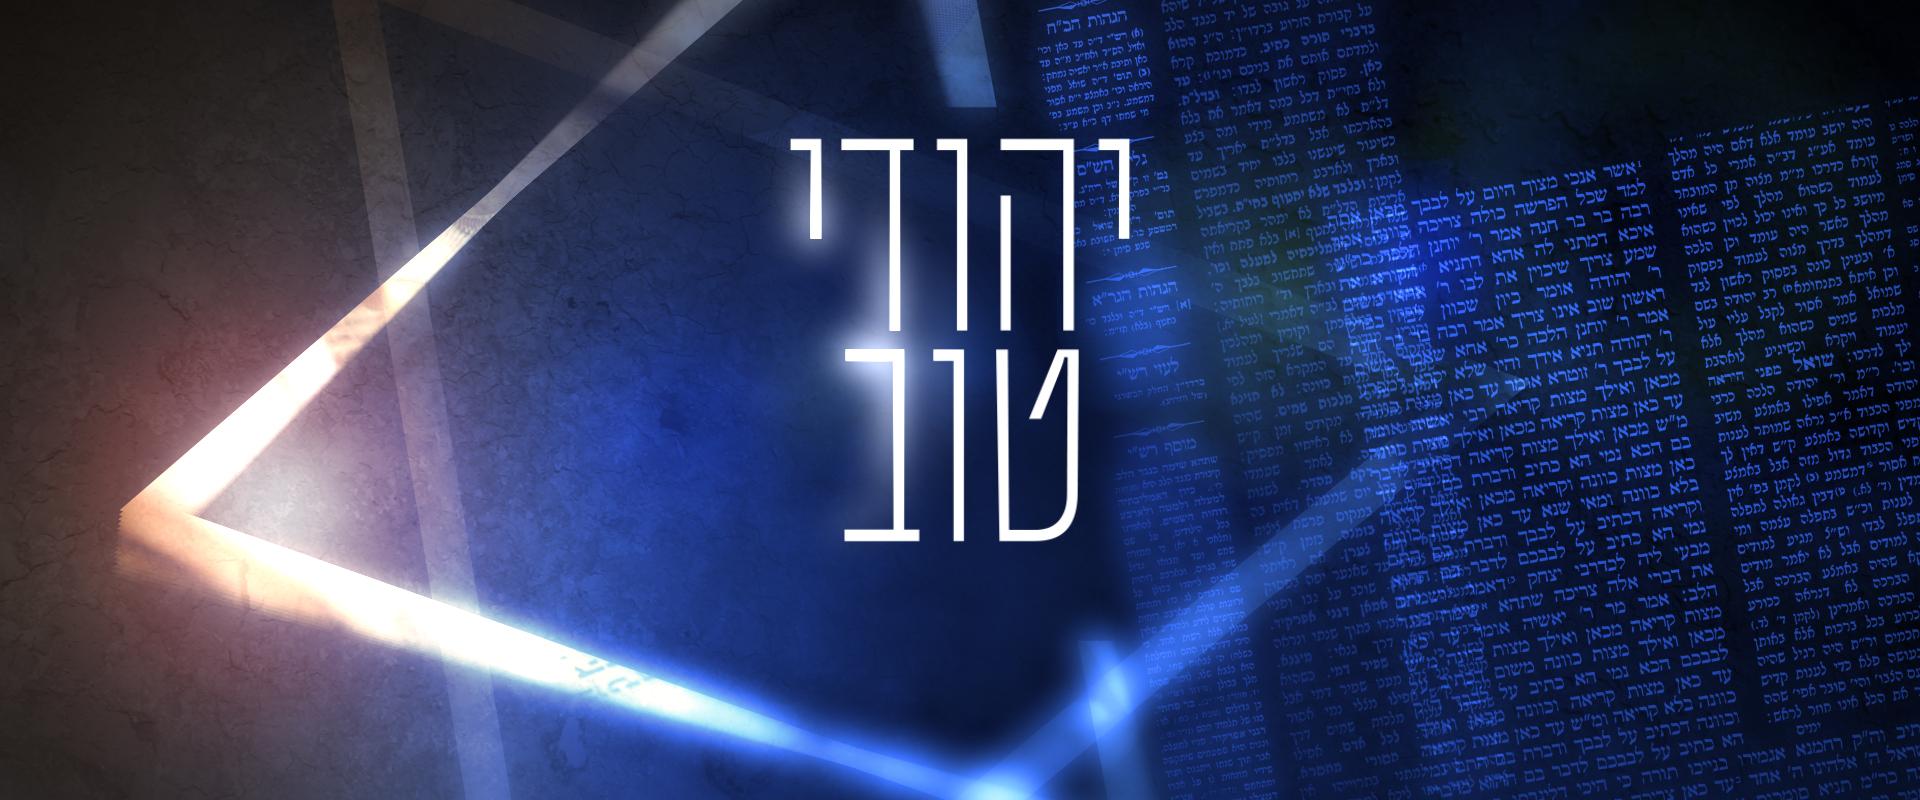 יאיר אטינגר - מיהו יהודי?